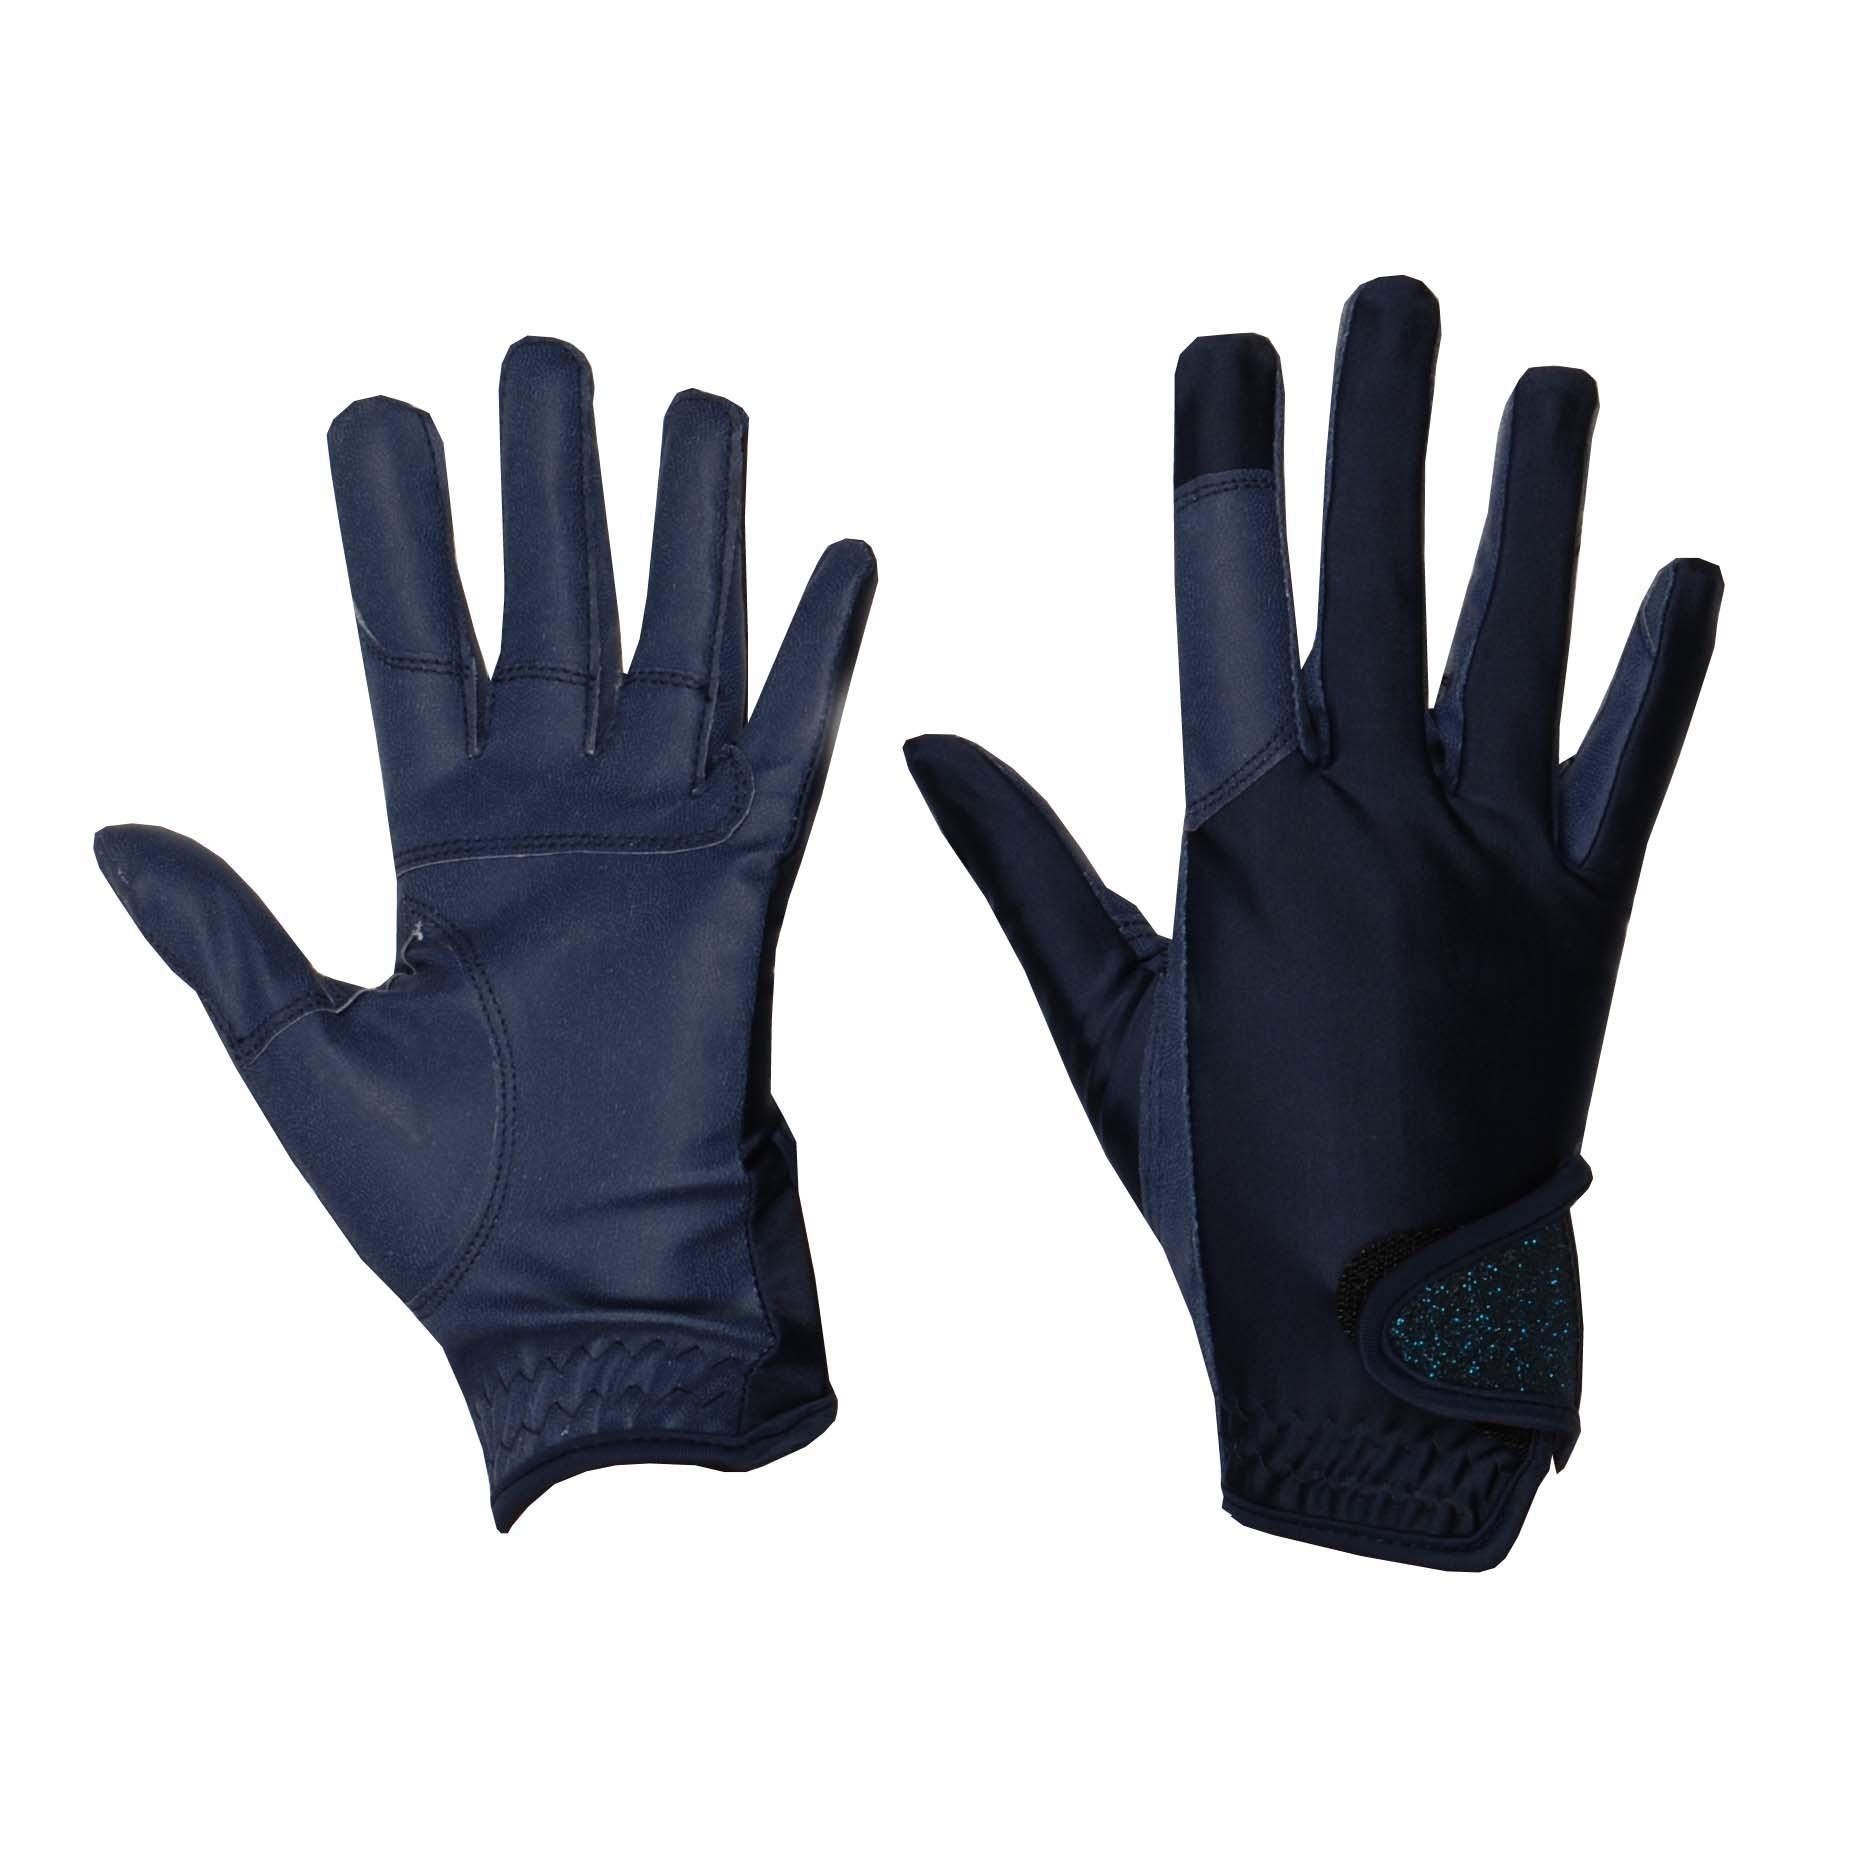 Mondoni Medellin handschoenen donkerblauw maat:l